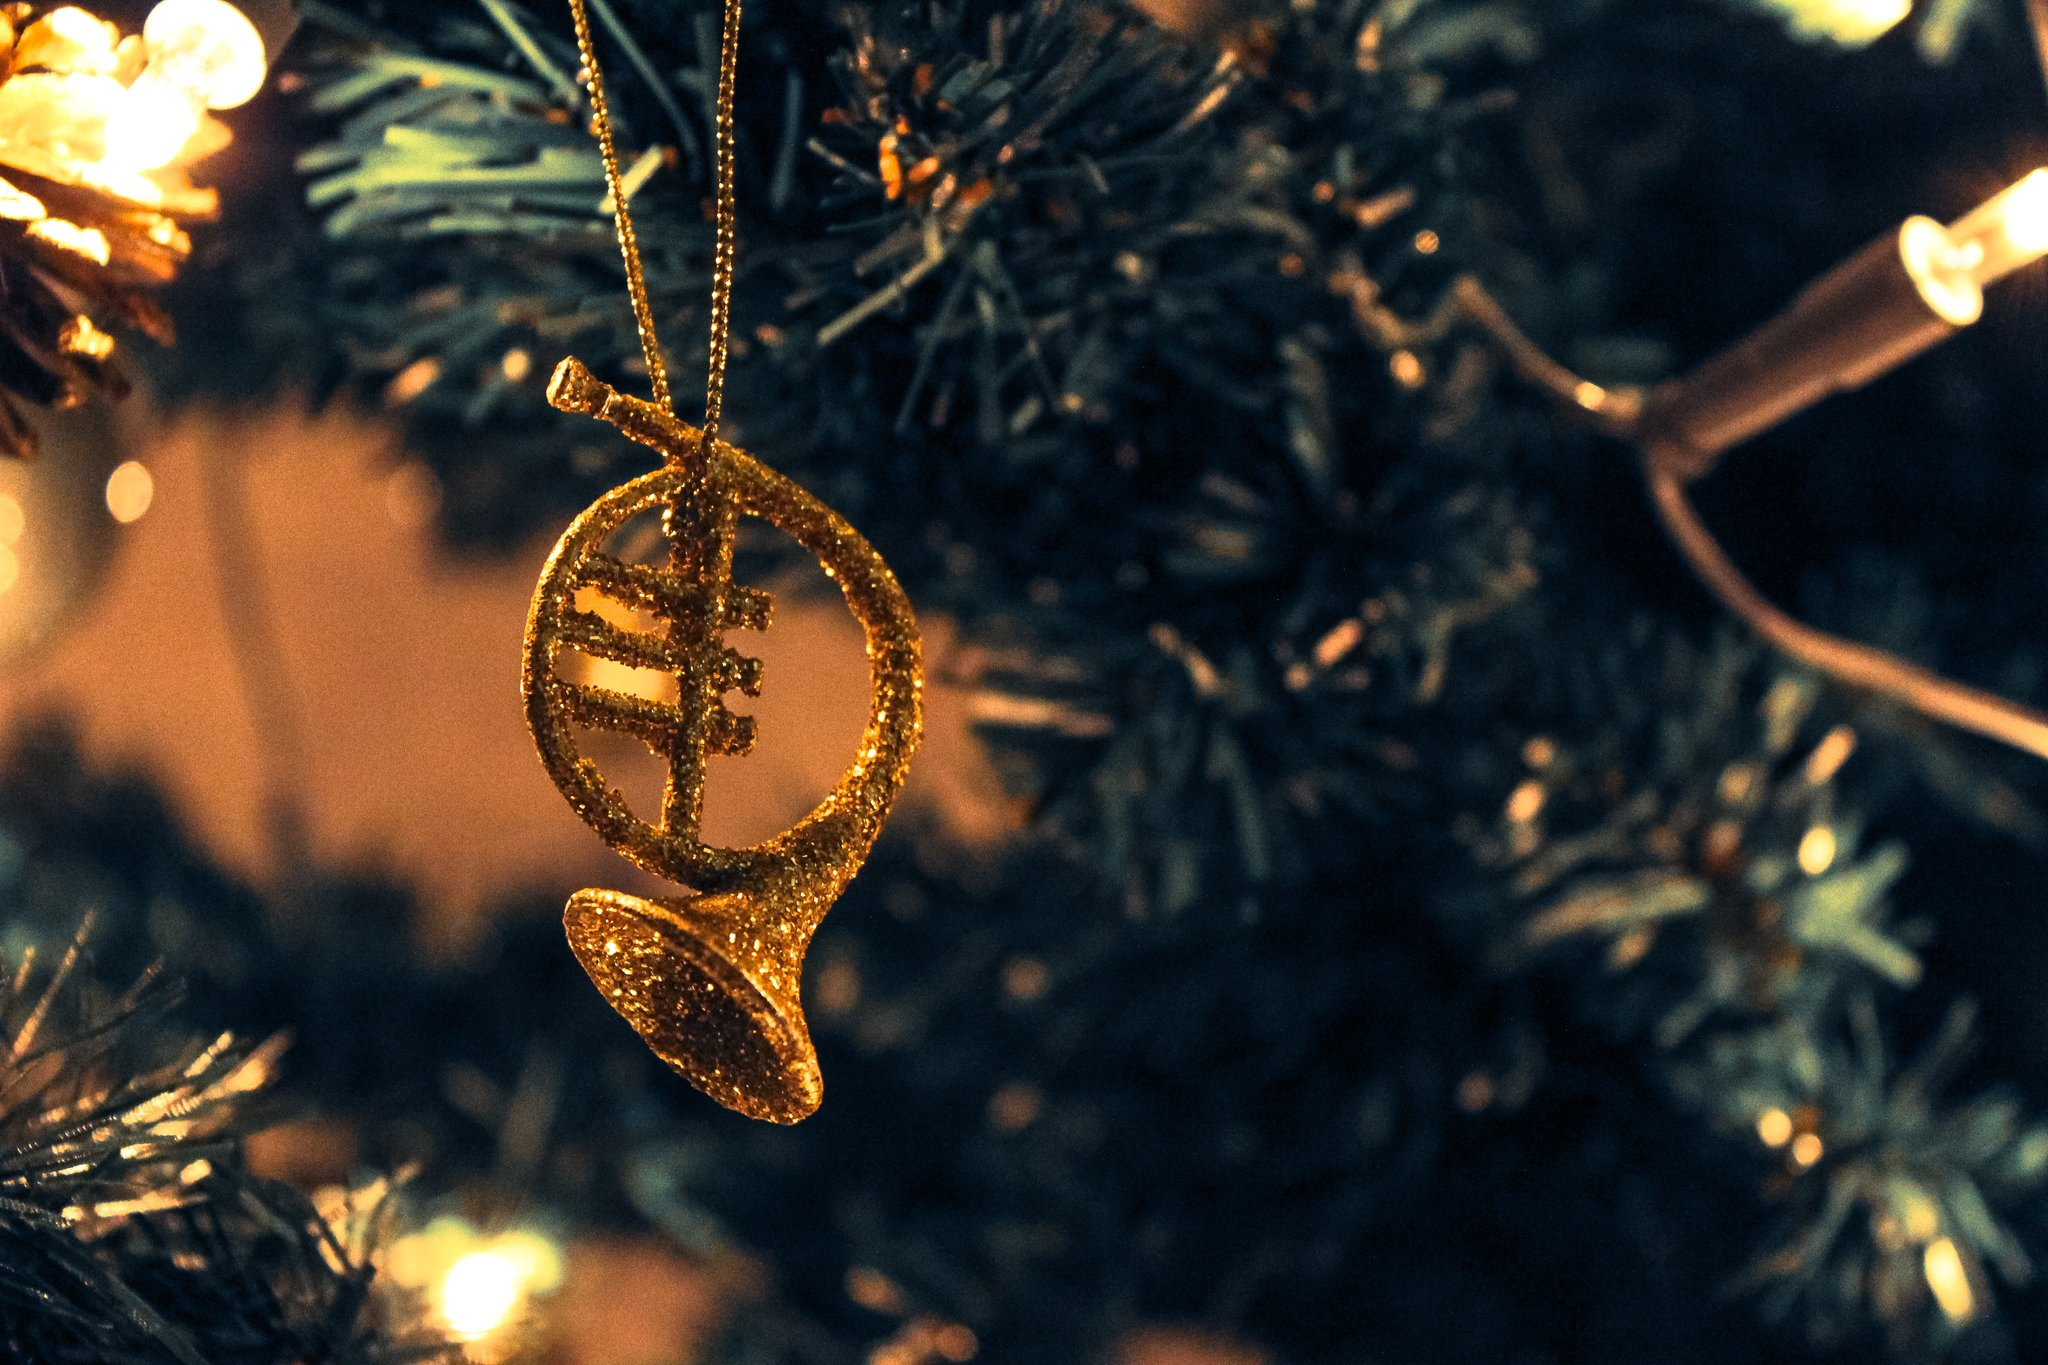 Für einen guten Zweck: Datteln: Kinder schmücken Weihnachtsbäume für einen guten Zweck - Datteln - Lokalkompass.de